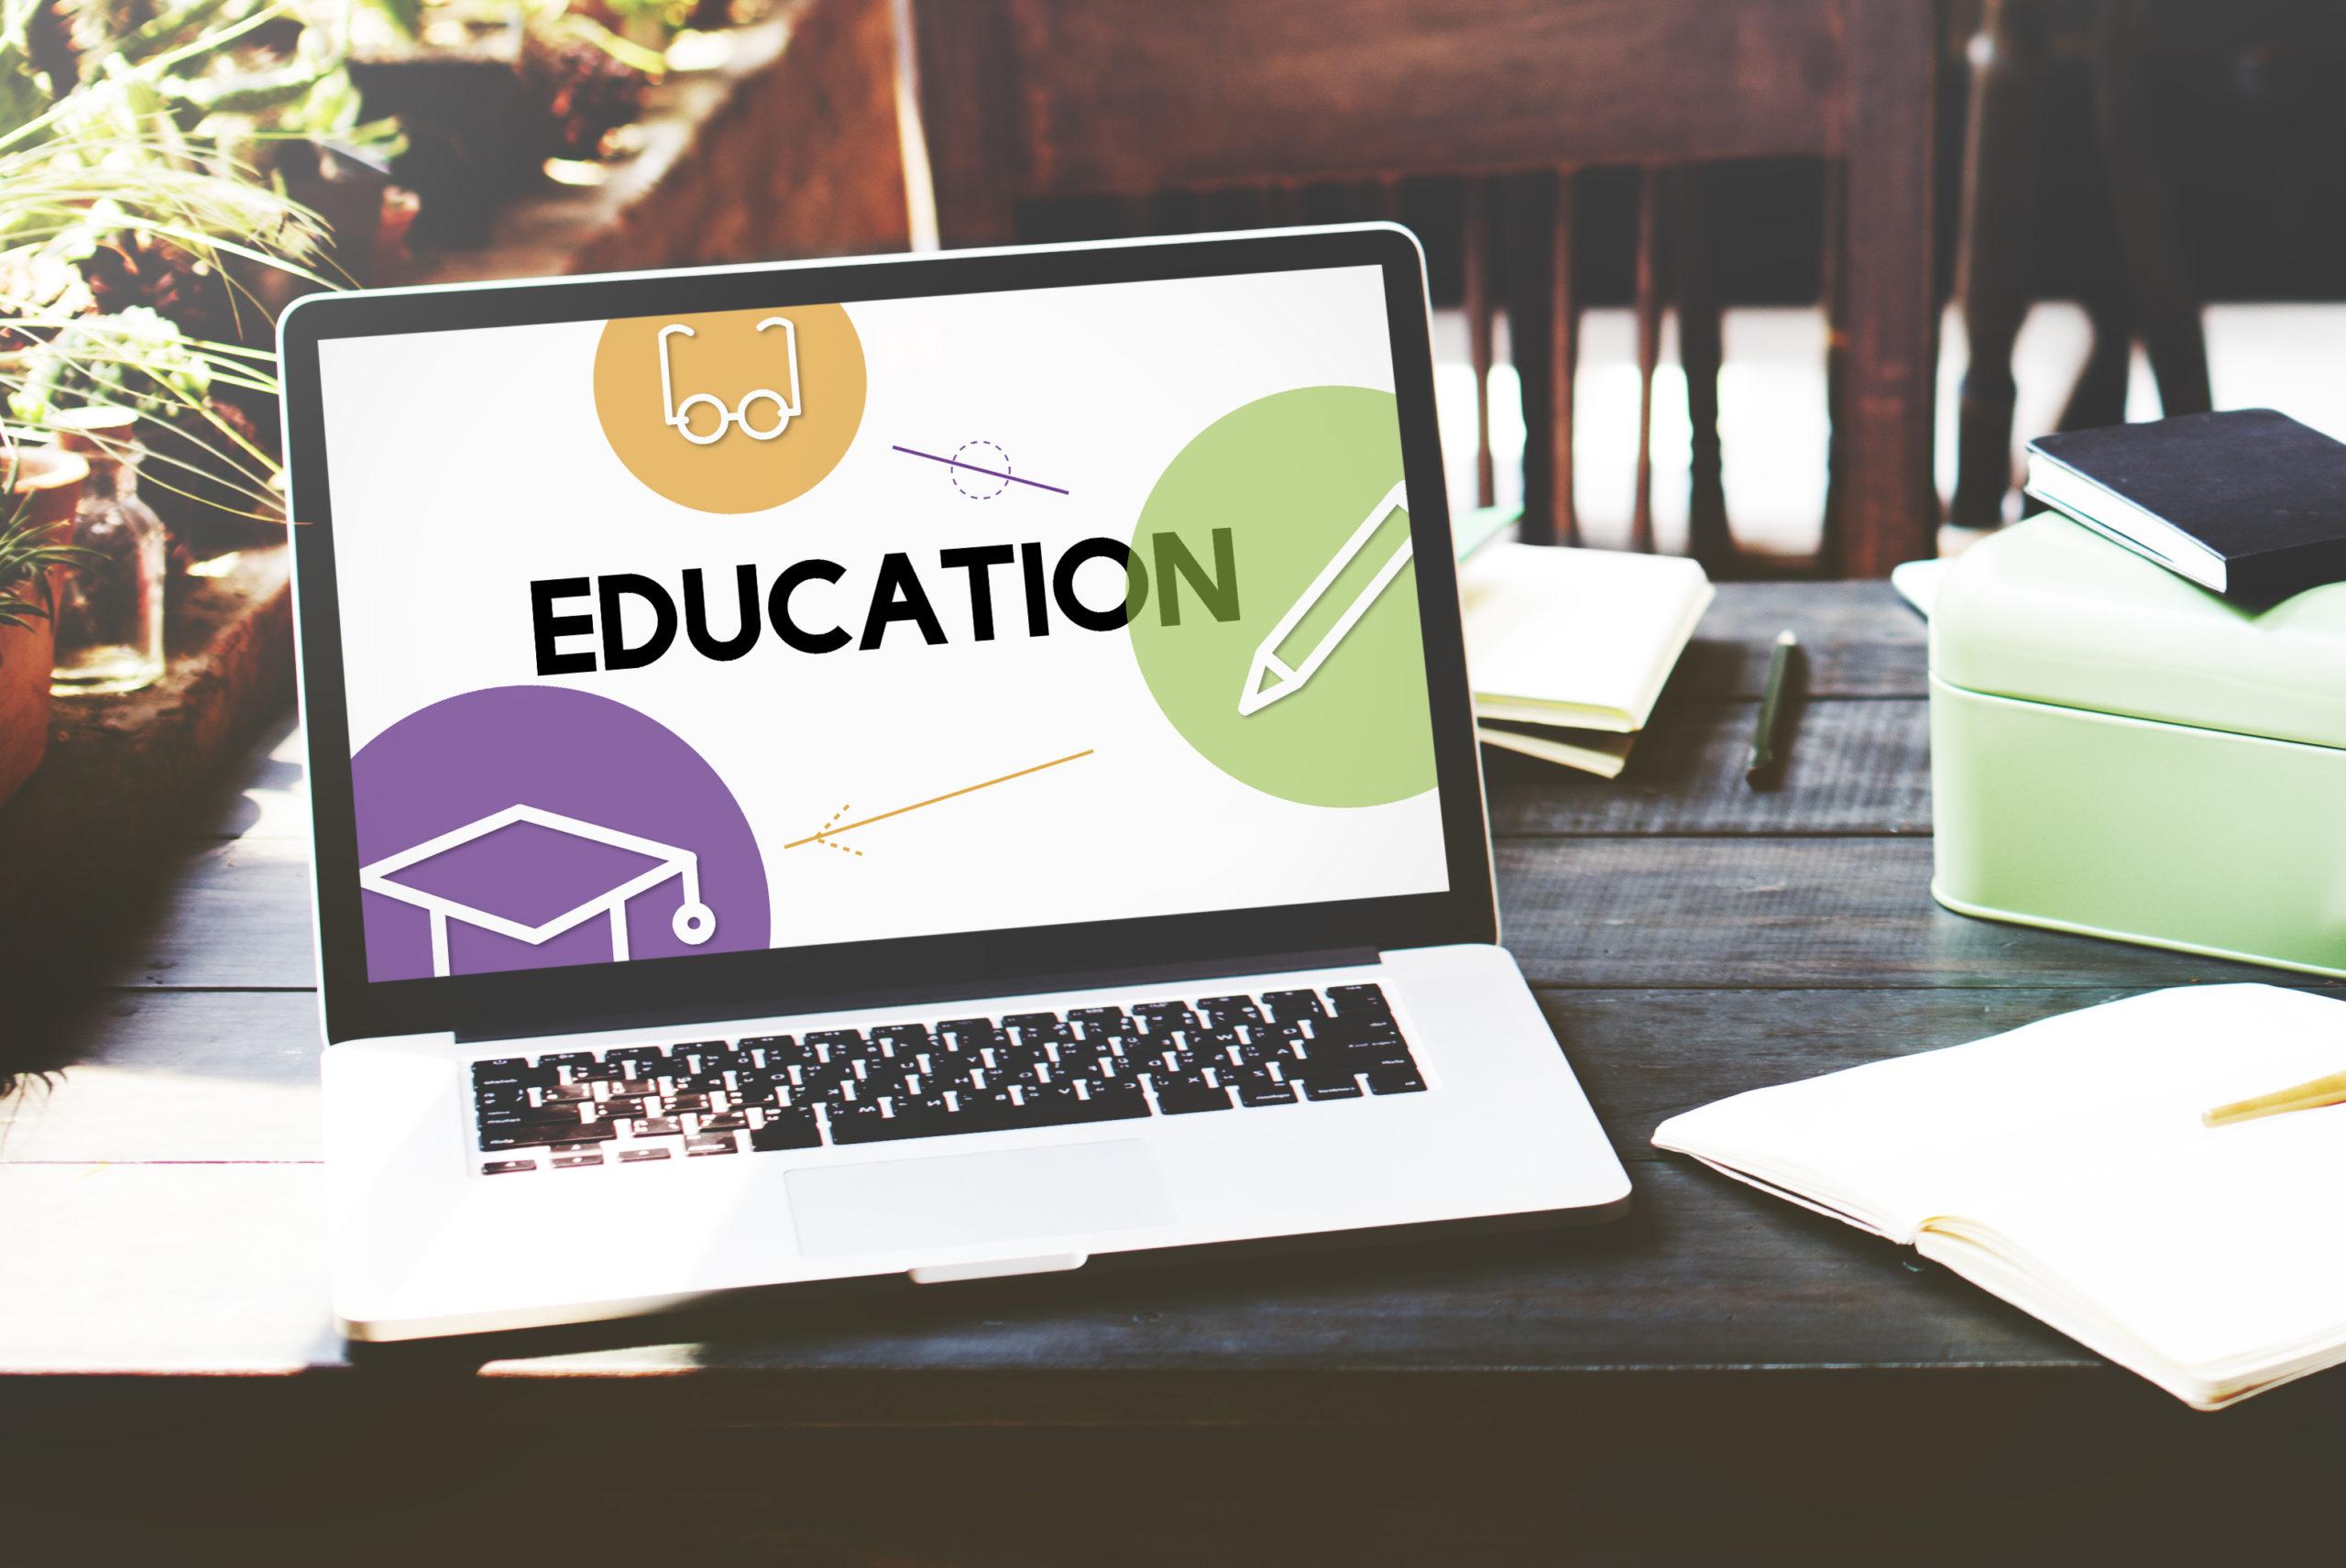 s certificações do Google for Education, por exemplo, contribuem com a capacitação dos professores e gestores das instituições de ensino no uso das ferramentas do Google Workspace for Education.